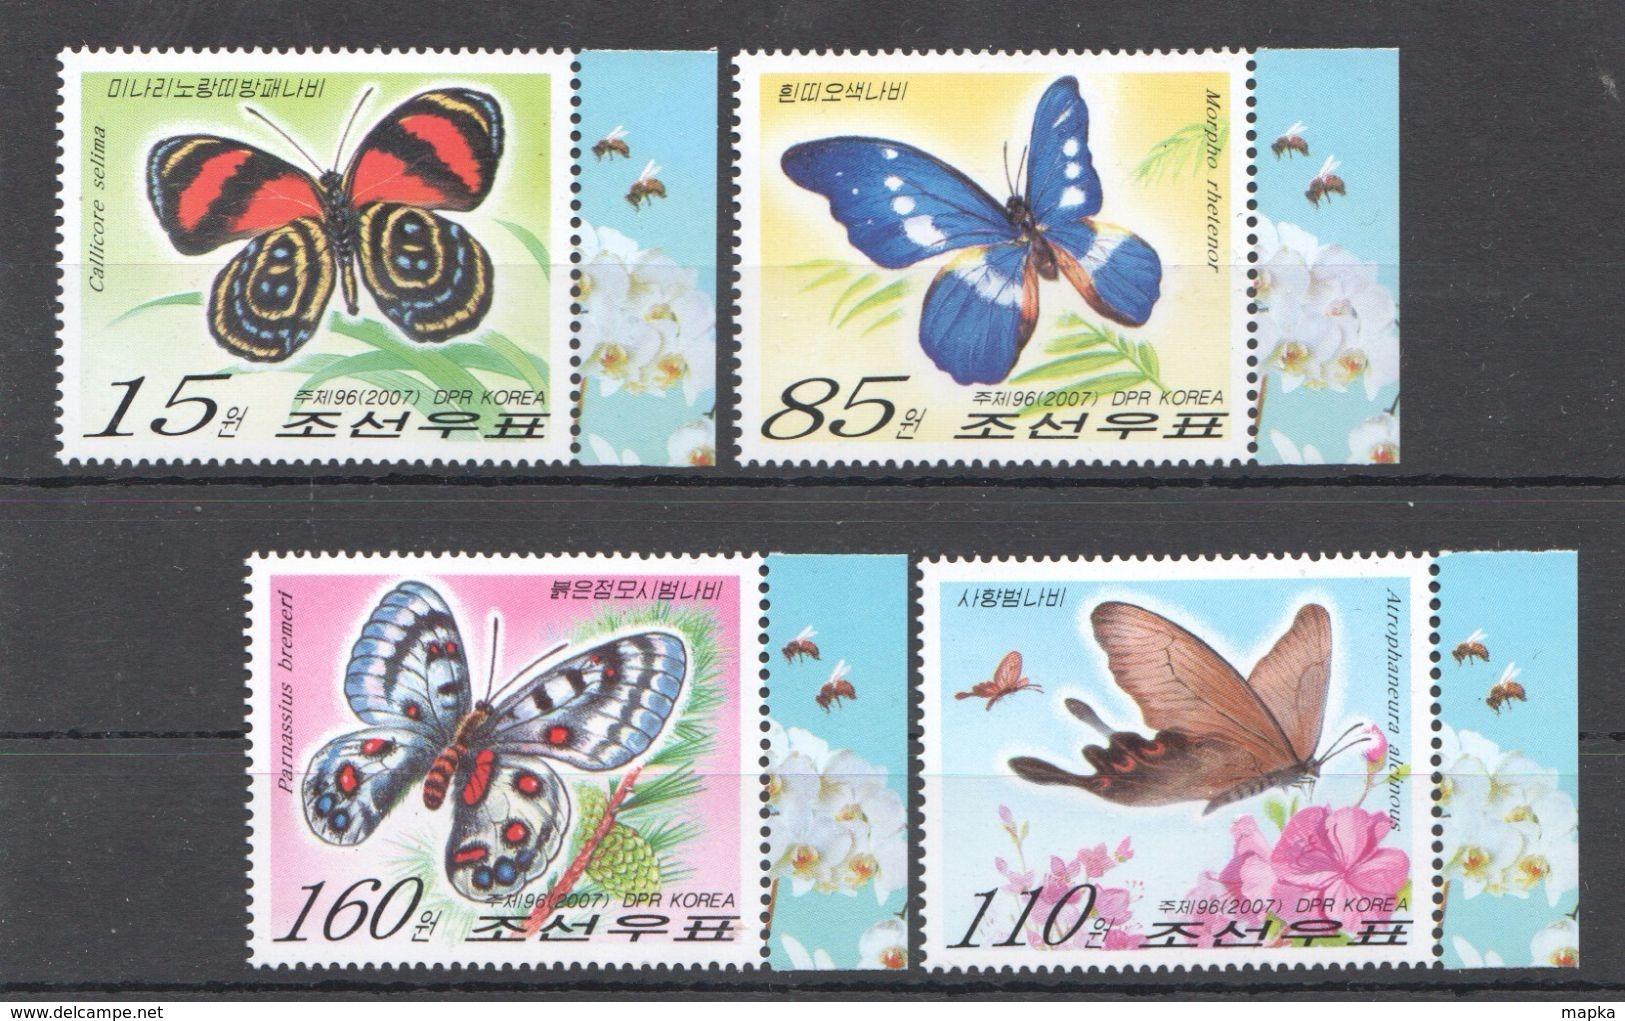 Q223 2007 KOREA FLORA & FAUNA BUTTERFLIES 1SET MNH - Schmetterlinge